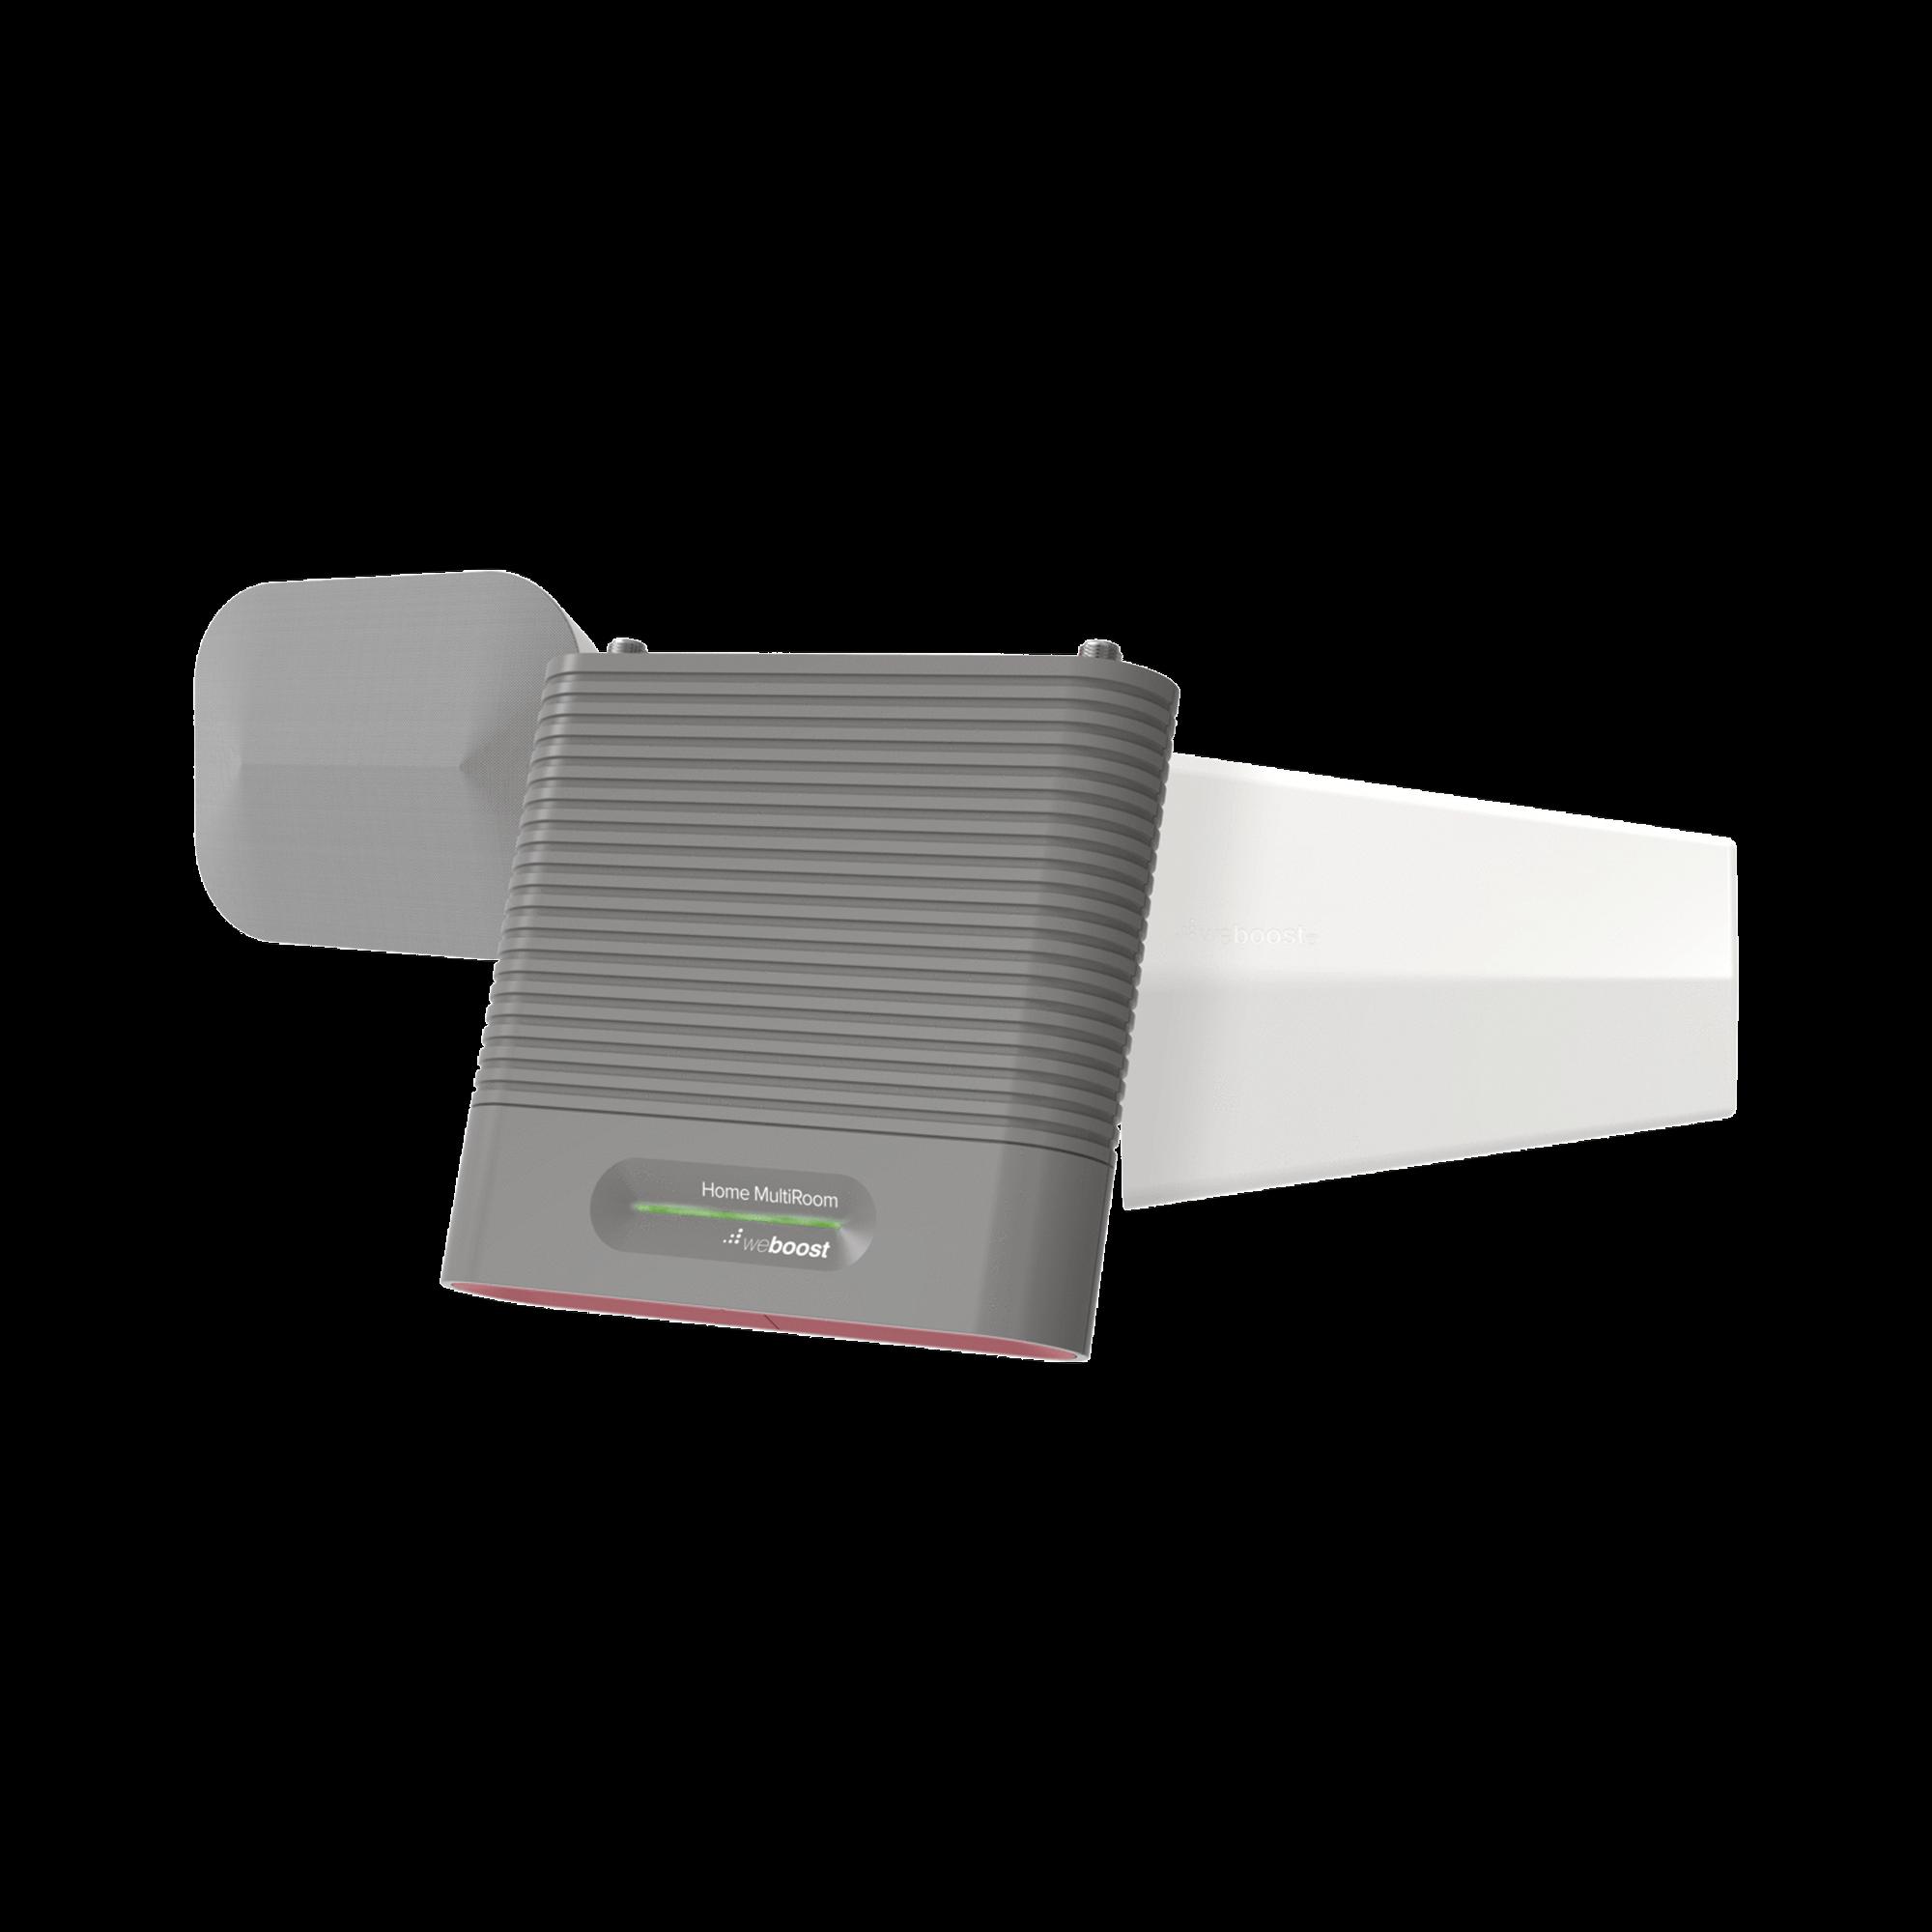 KIT Amplificador de Señal Celular, HOME MULTIROOM | Mejora la Señal Celular de todos los Operadores | Cubre áreas de hasta 1500 metros cuadrados